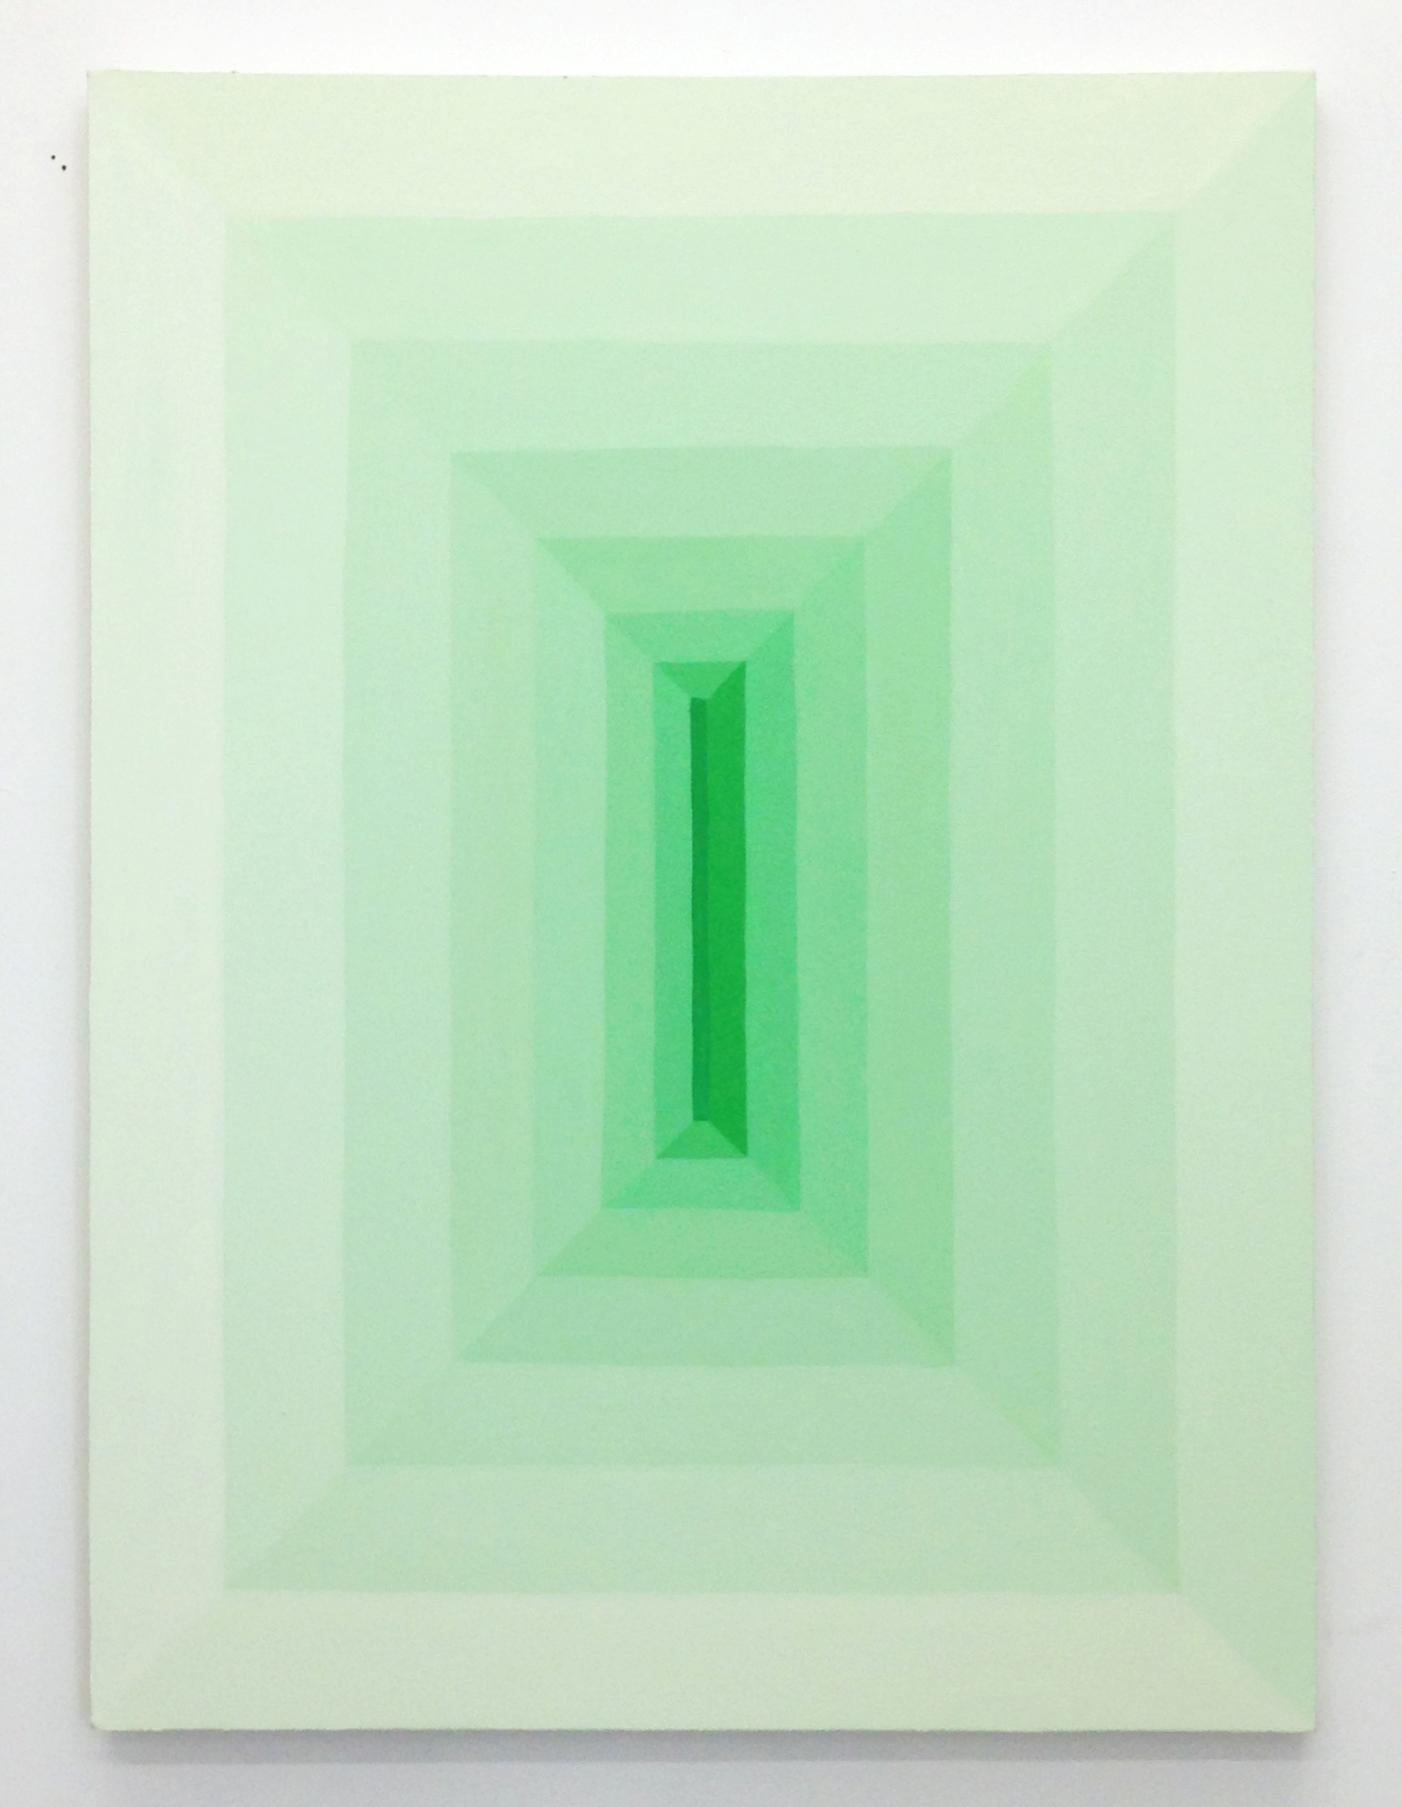 Corydon Cowansage, Hole #21, 2017, 48 x 36 inches, acrylic on canvas